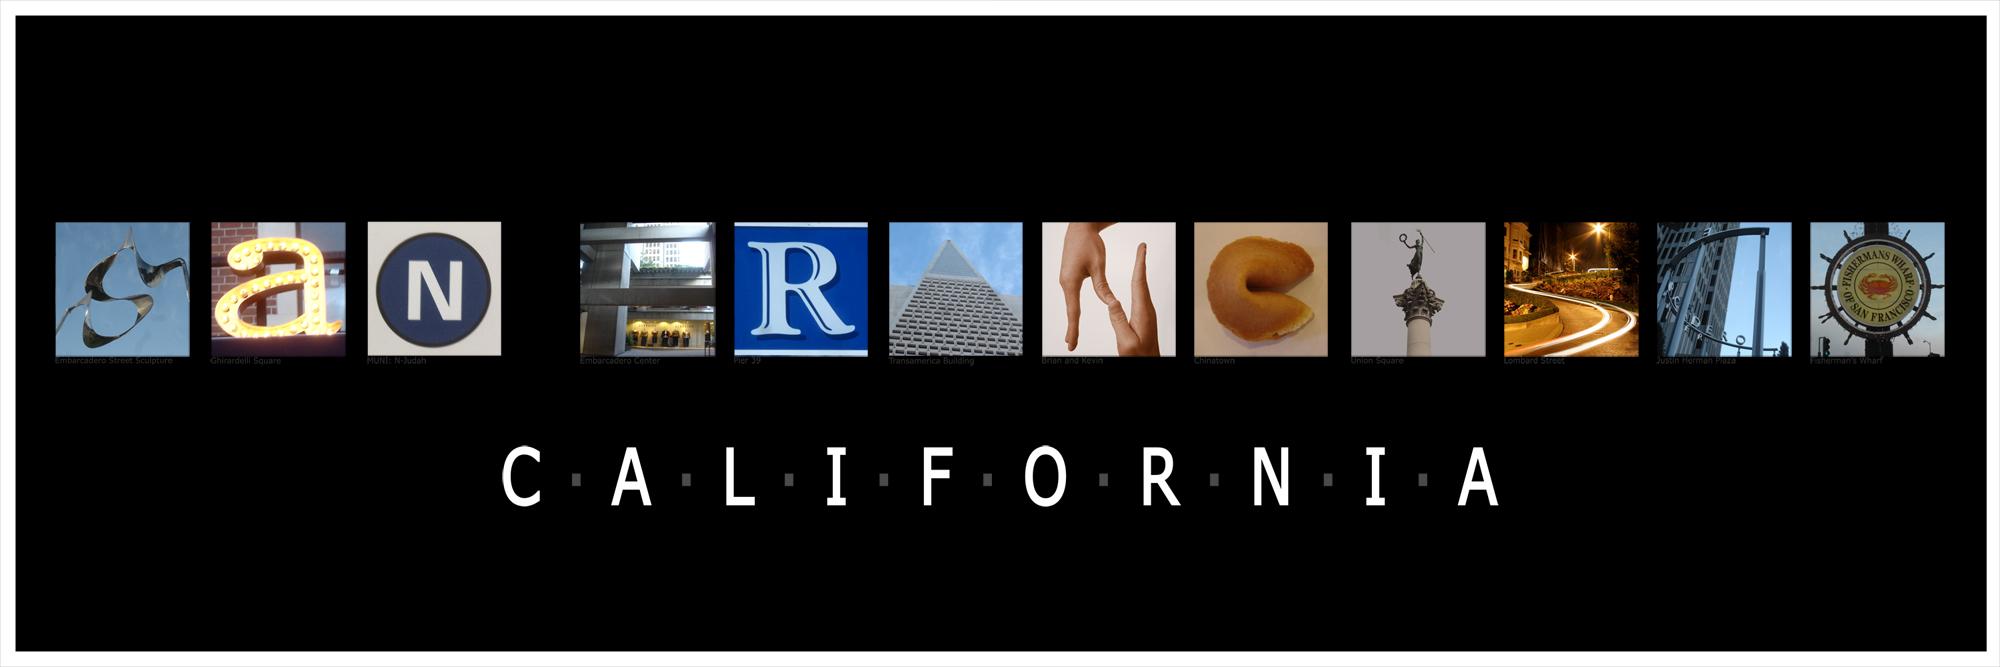 SF Letter Art